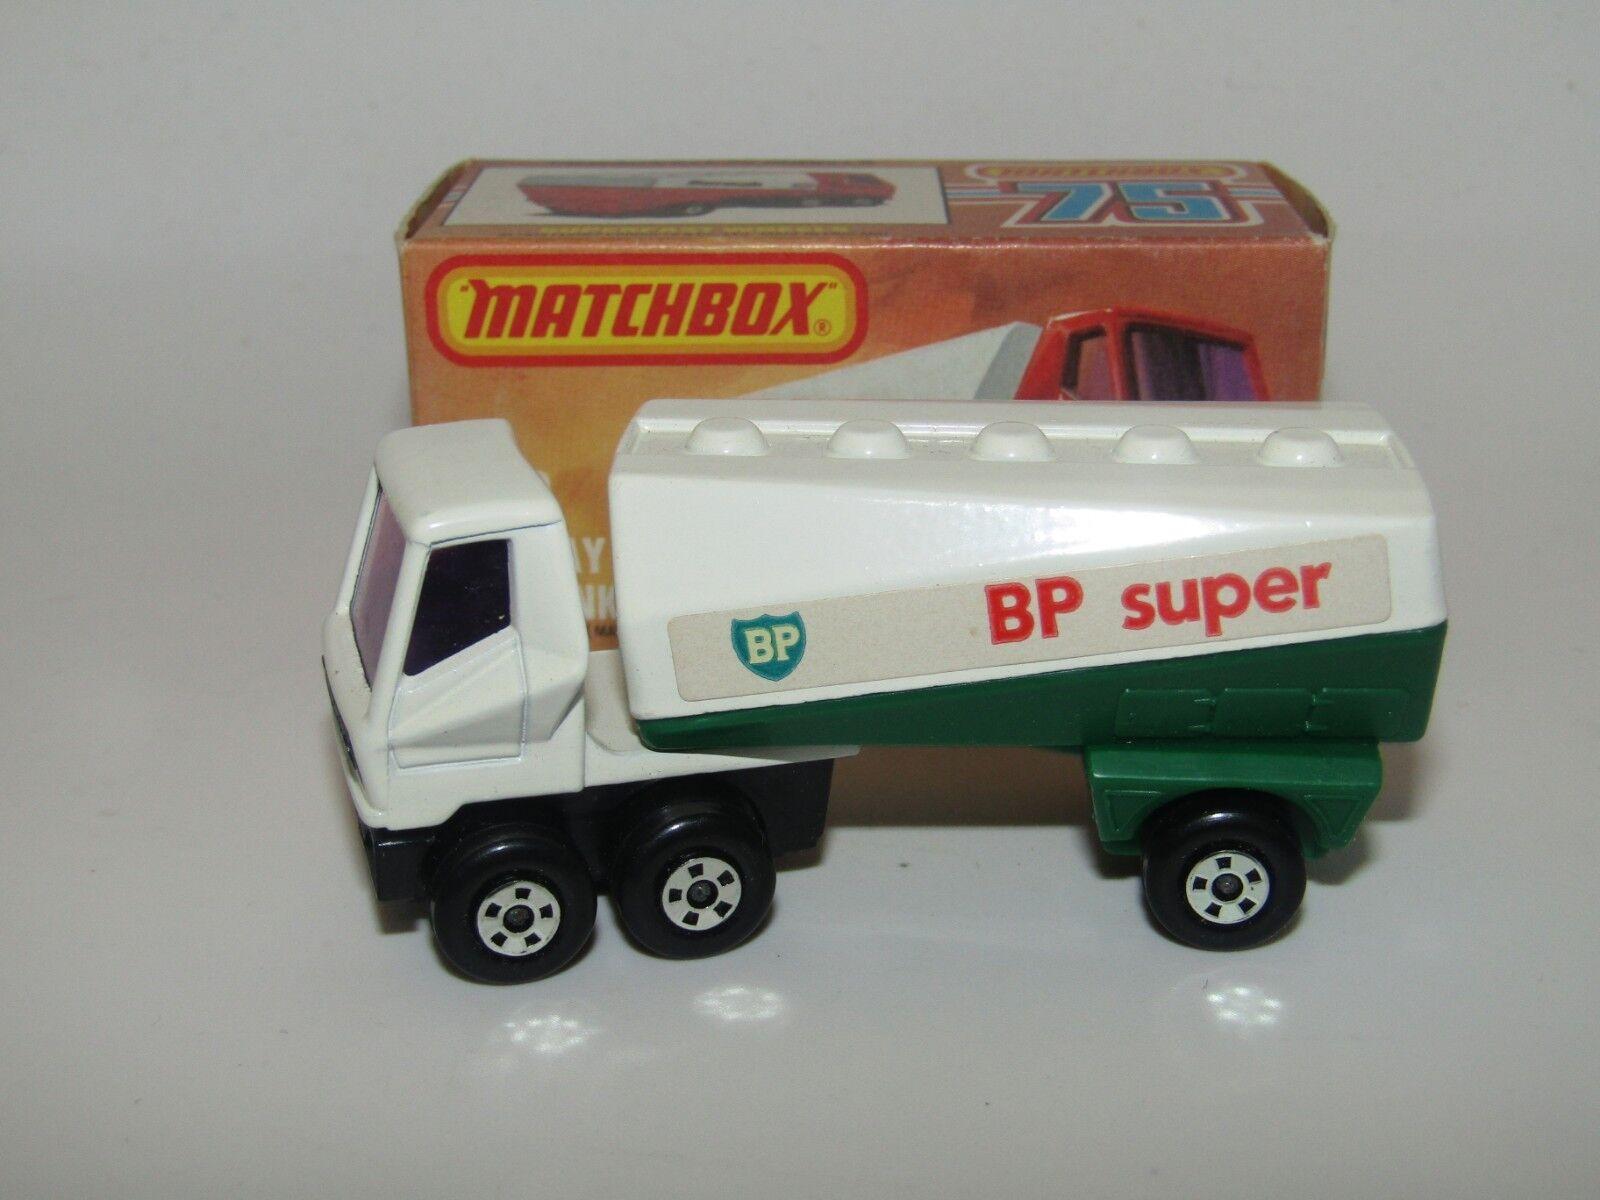 MATCHBOX SUPERFAST nº 63 FREEWAY GAS TANKER 5 jantes BP SUPER En parfait état, dans sa boîte RARE